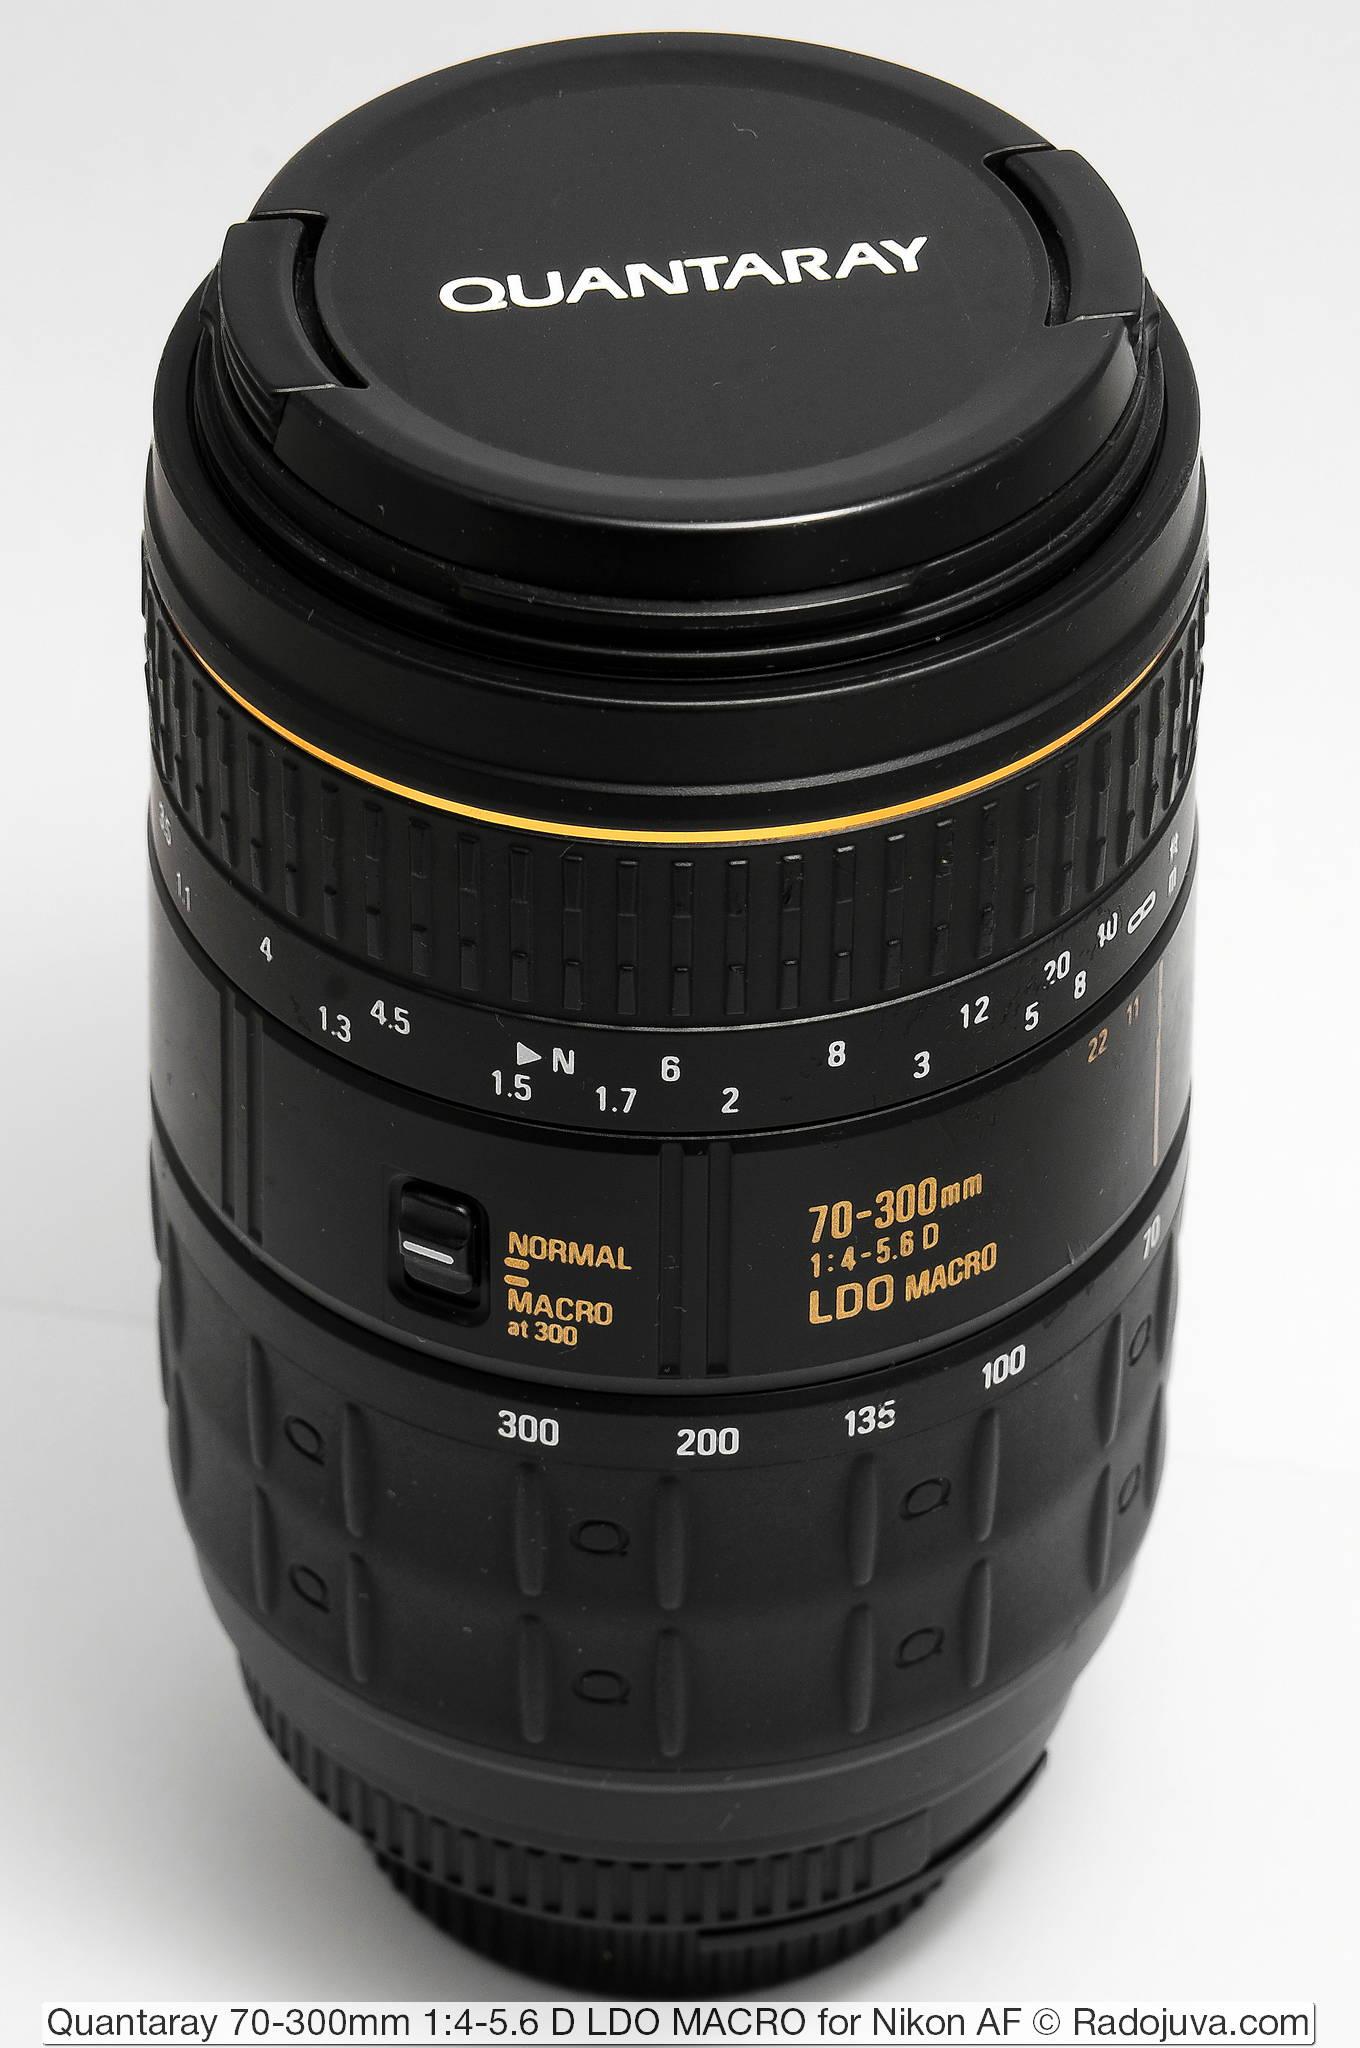 Quantaray 70-300mm 1:4-5.6 D LDO MACRO for Nikon AF